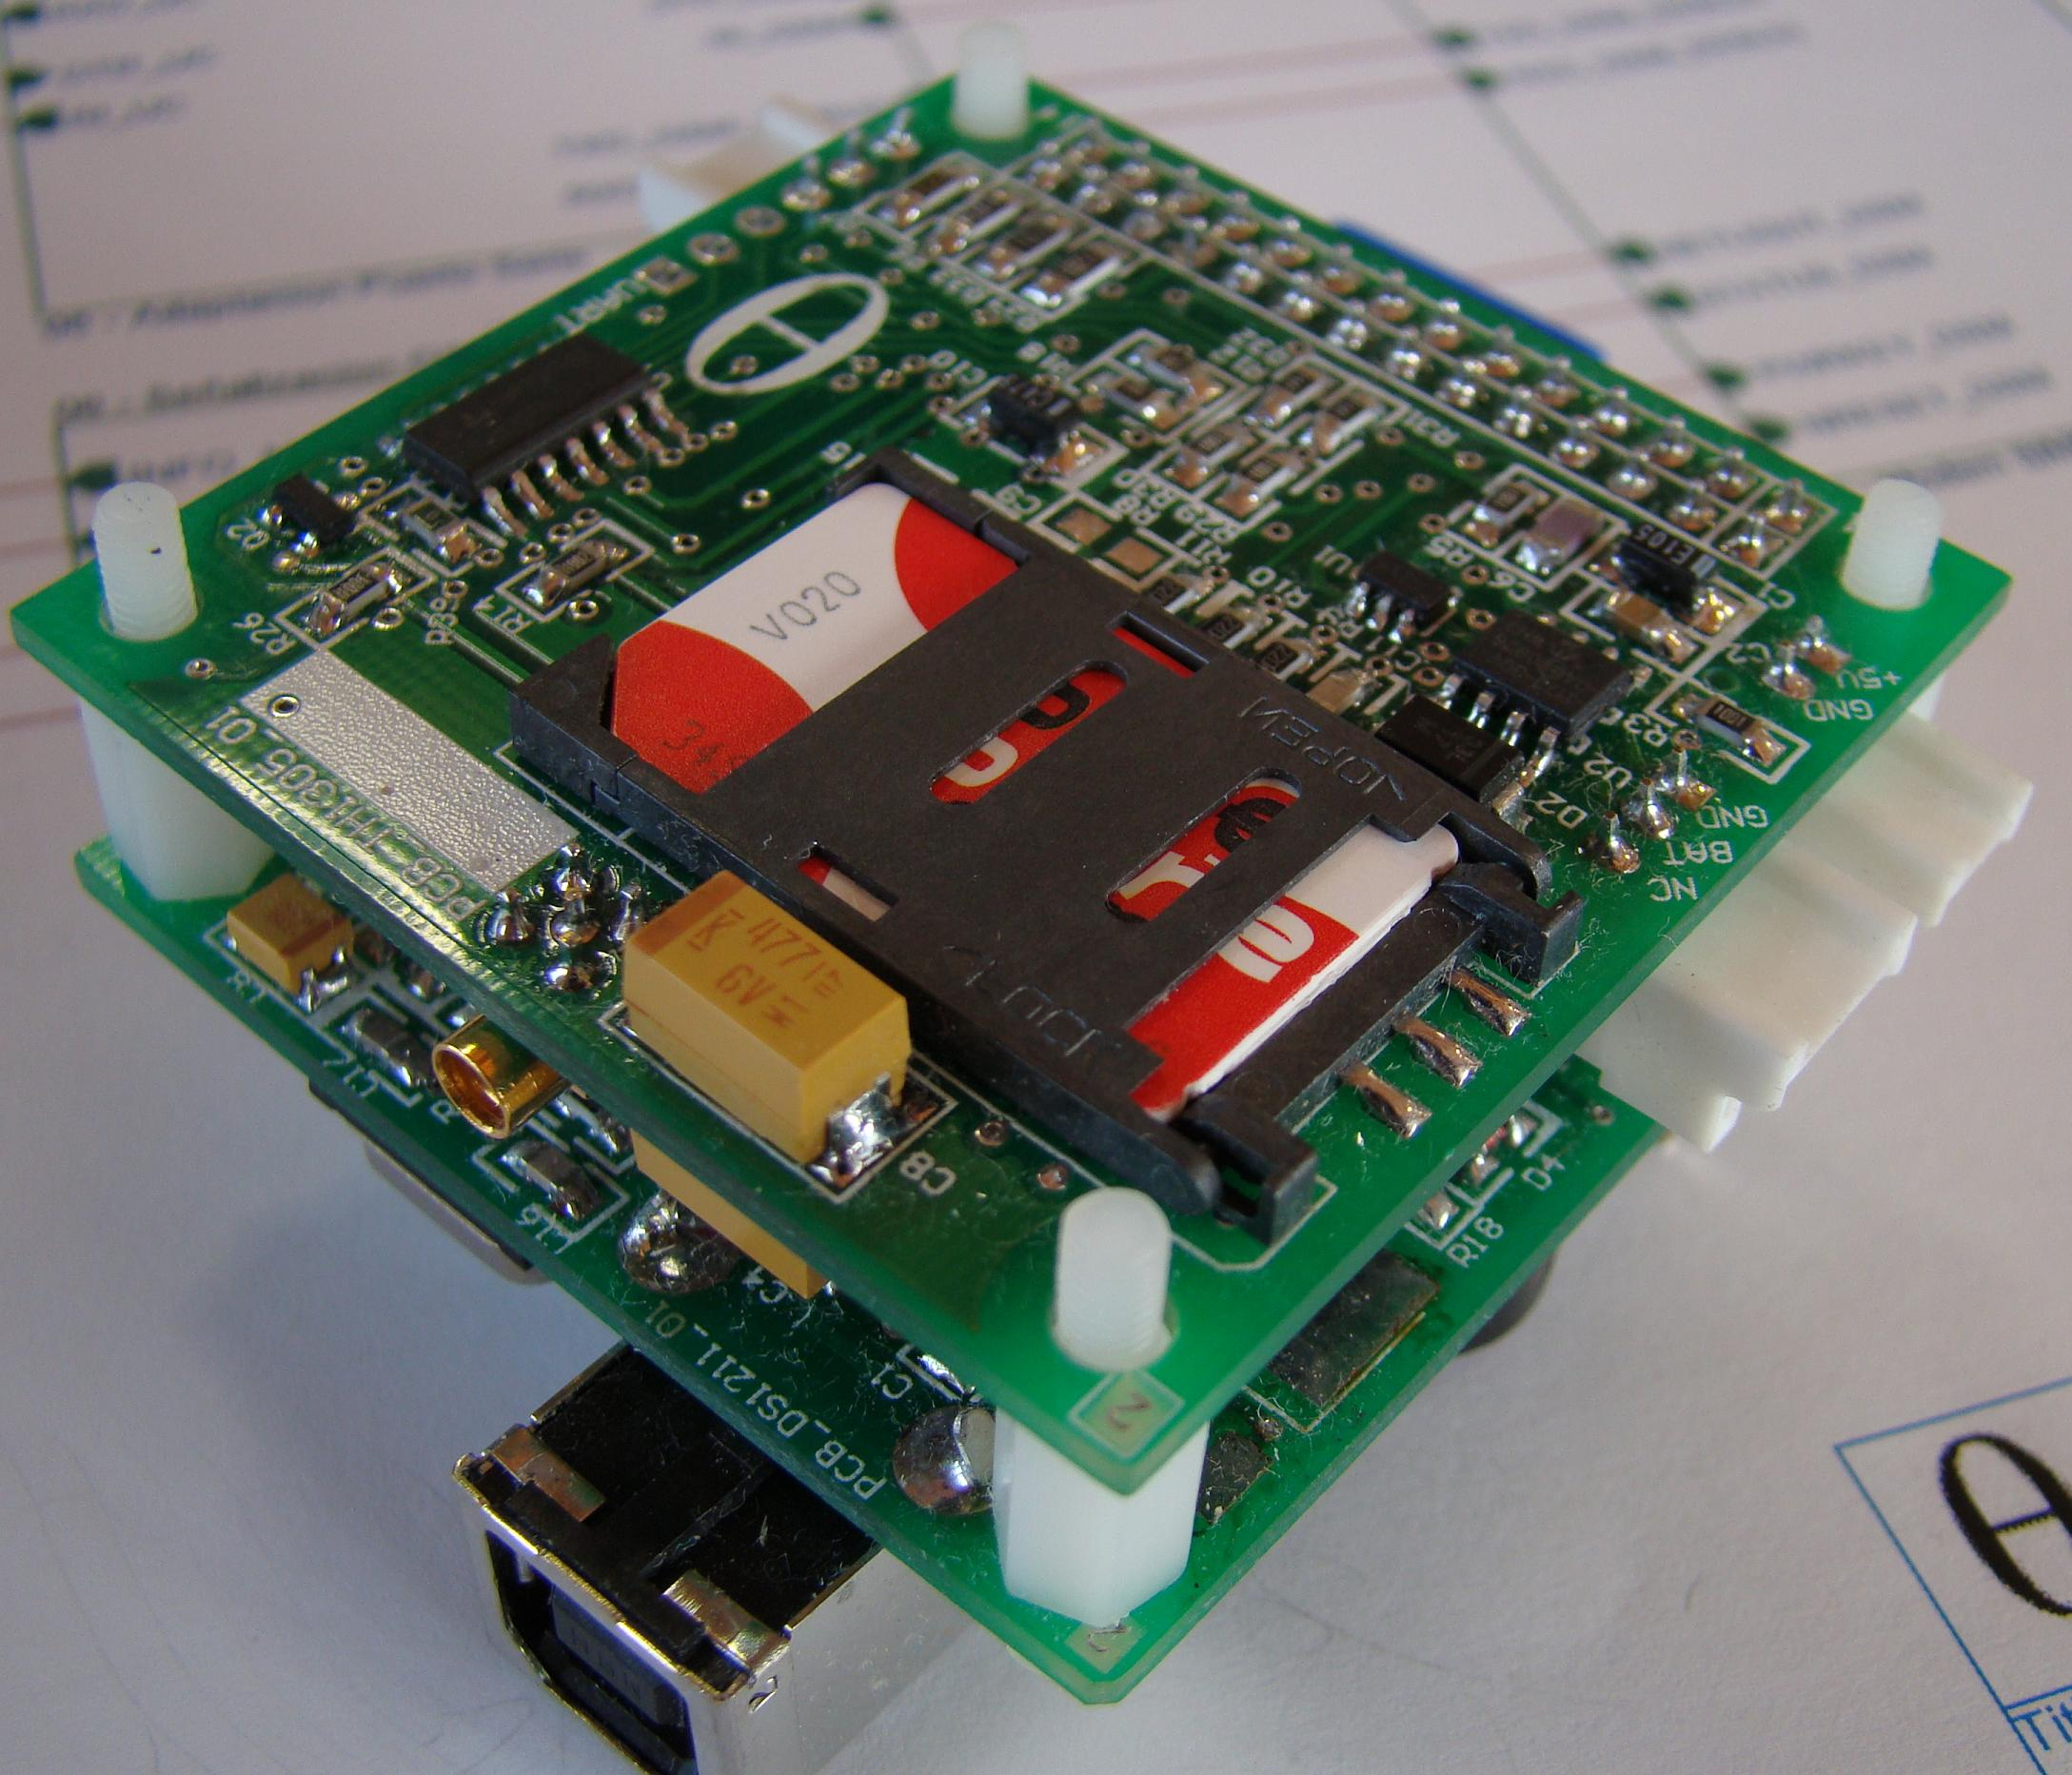 SIM900 Breakout Board and DSETA board